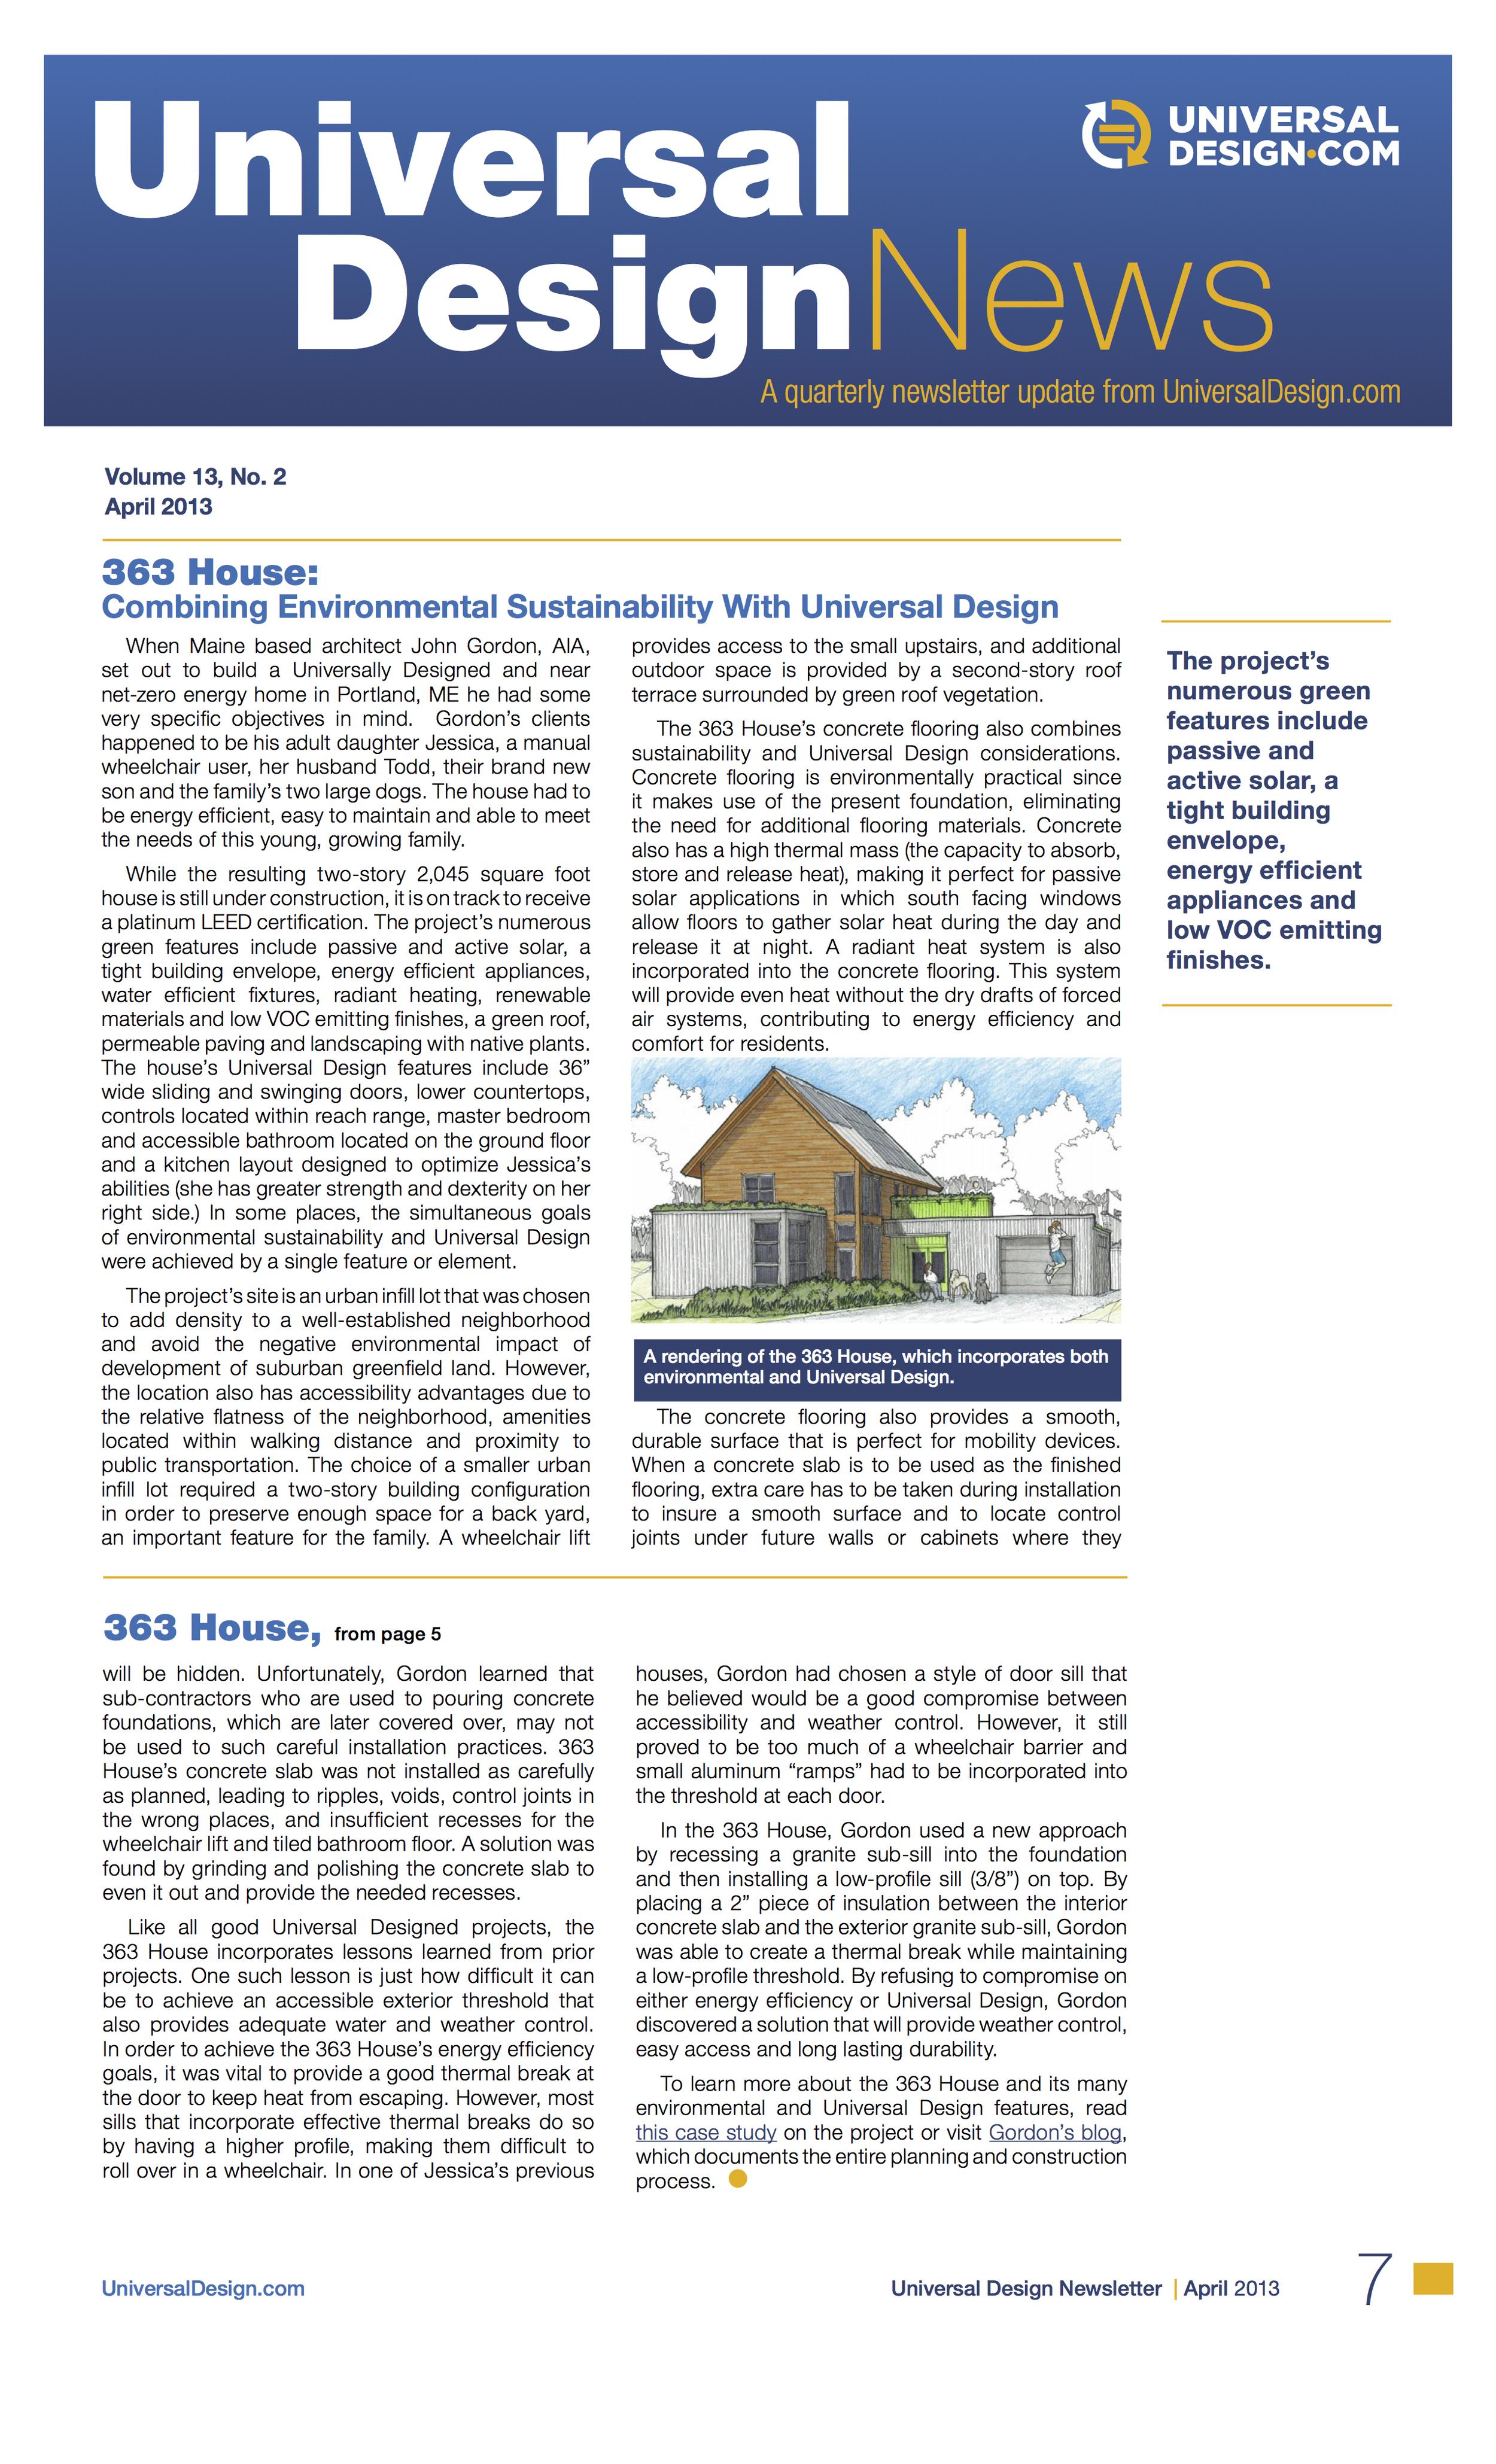 UD News 04.2013.jpg